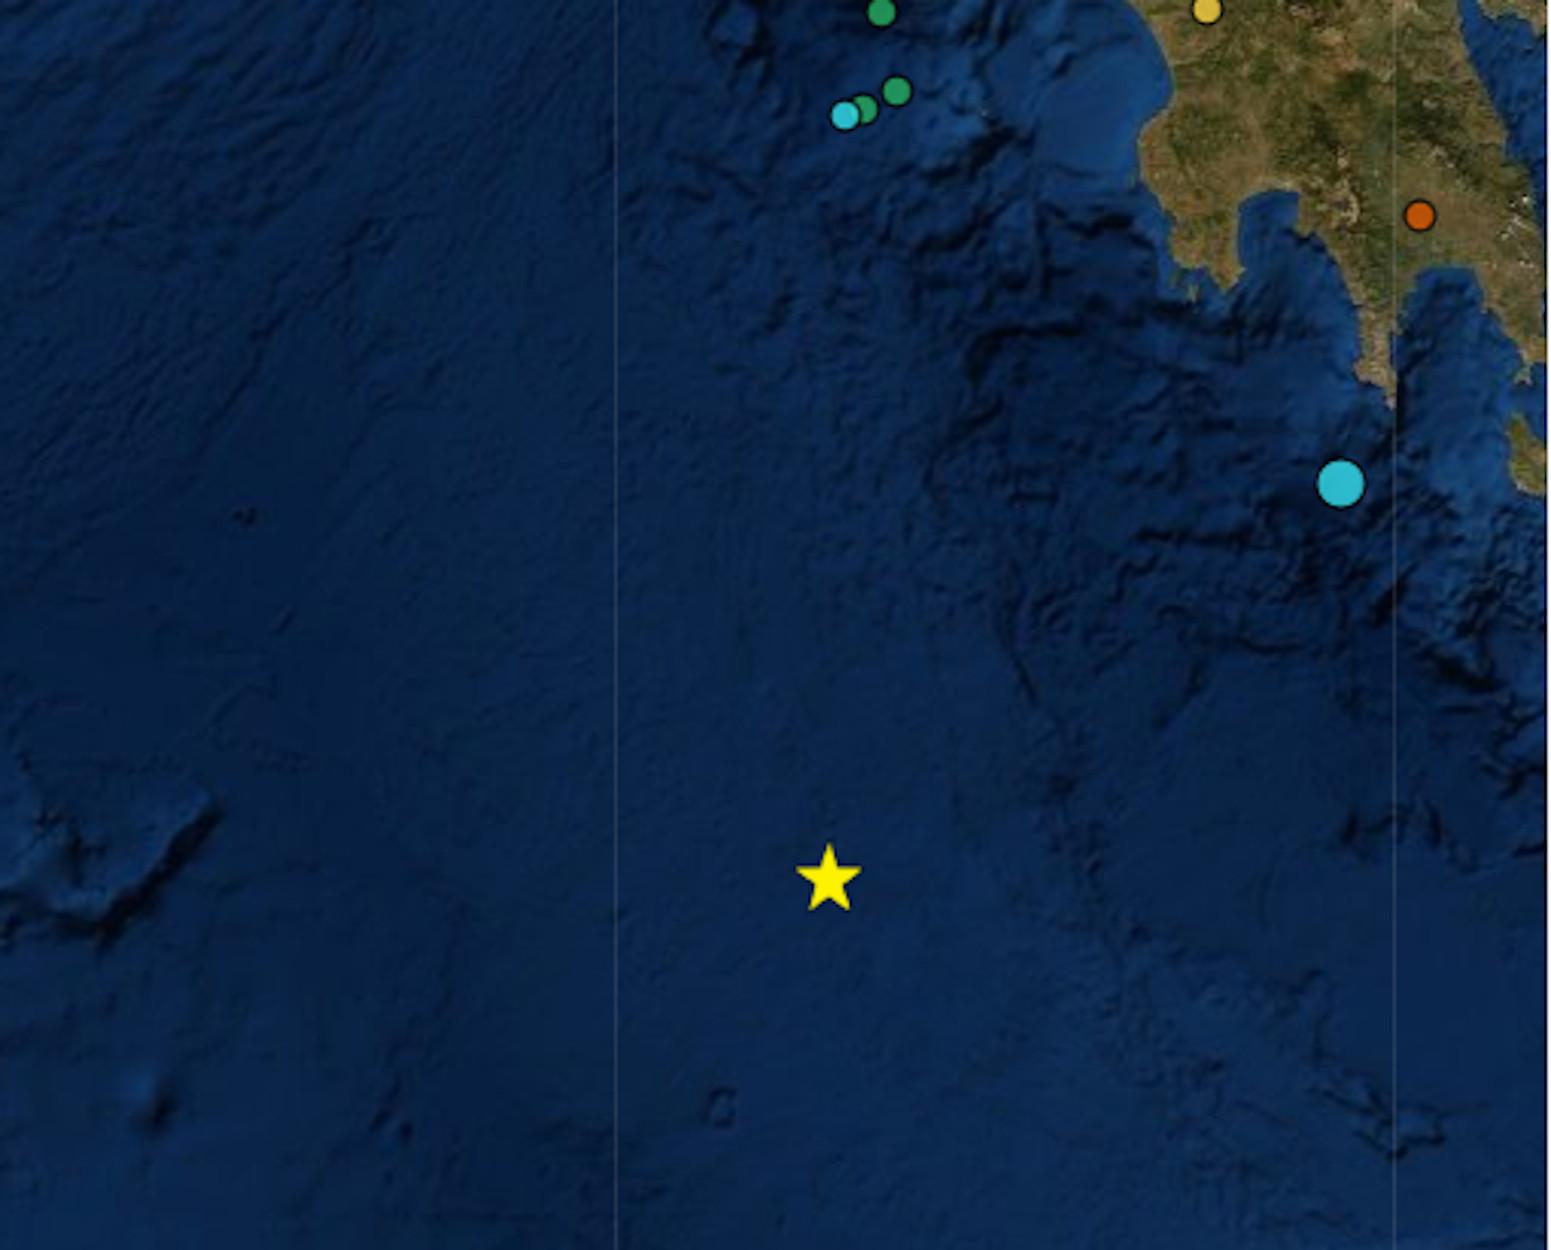 Σεισμός 5,9 Ρίχτερ νότια της Πύλου